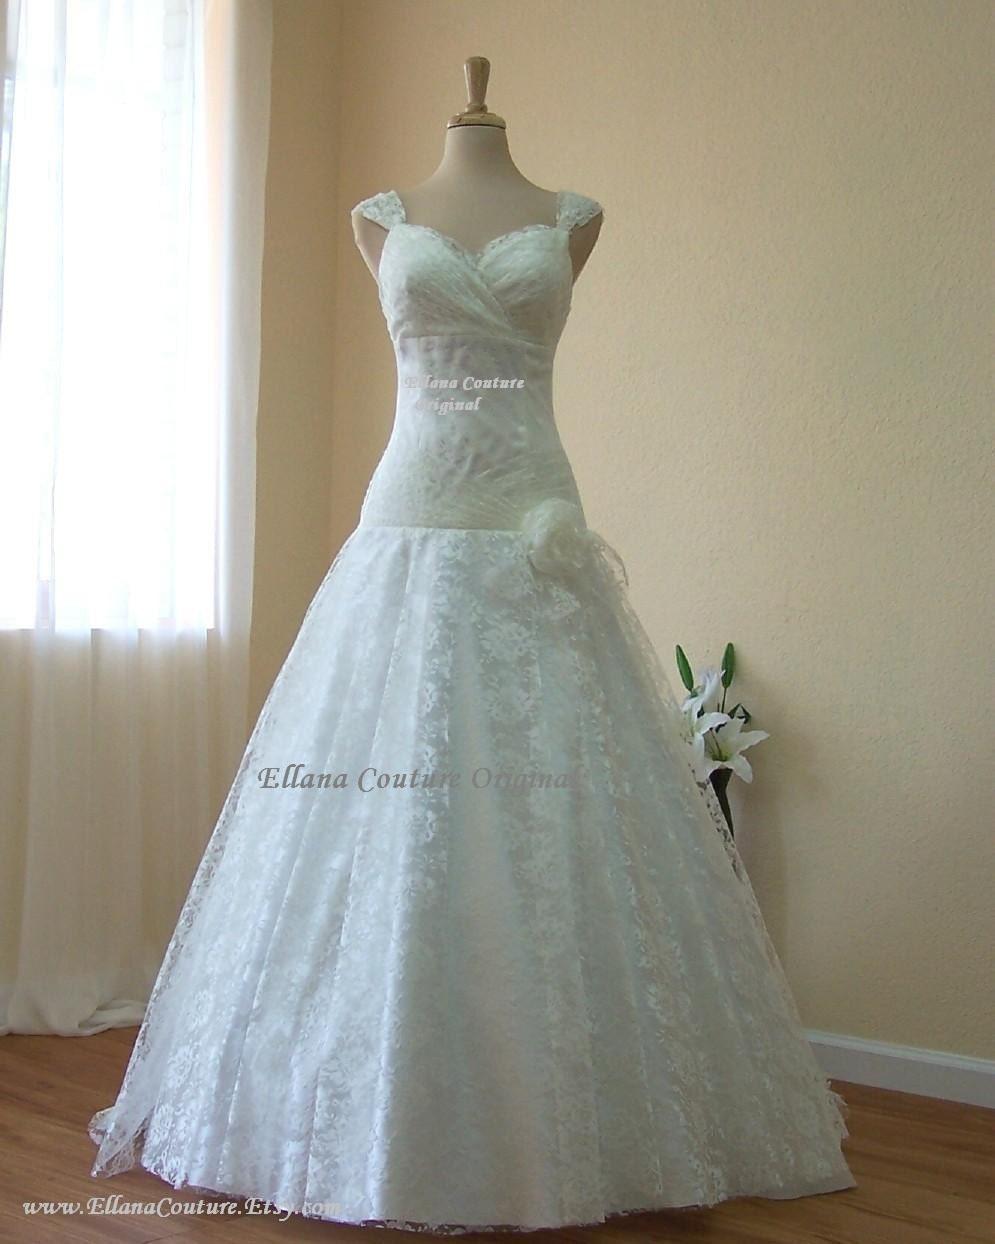 Jasmine Vintage Glamour Ivory Lace Wedding Dress. Super